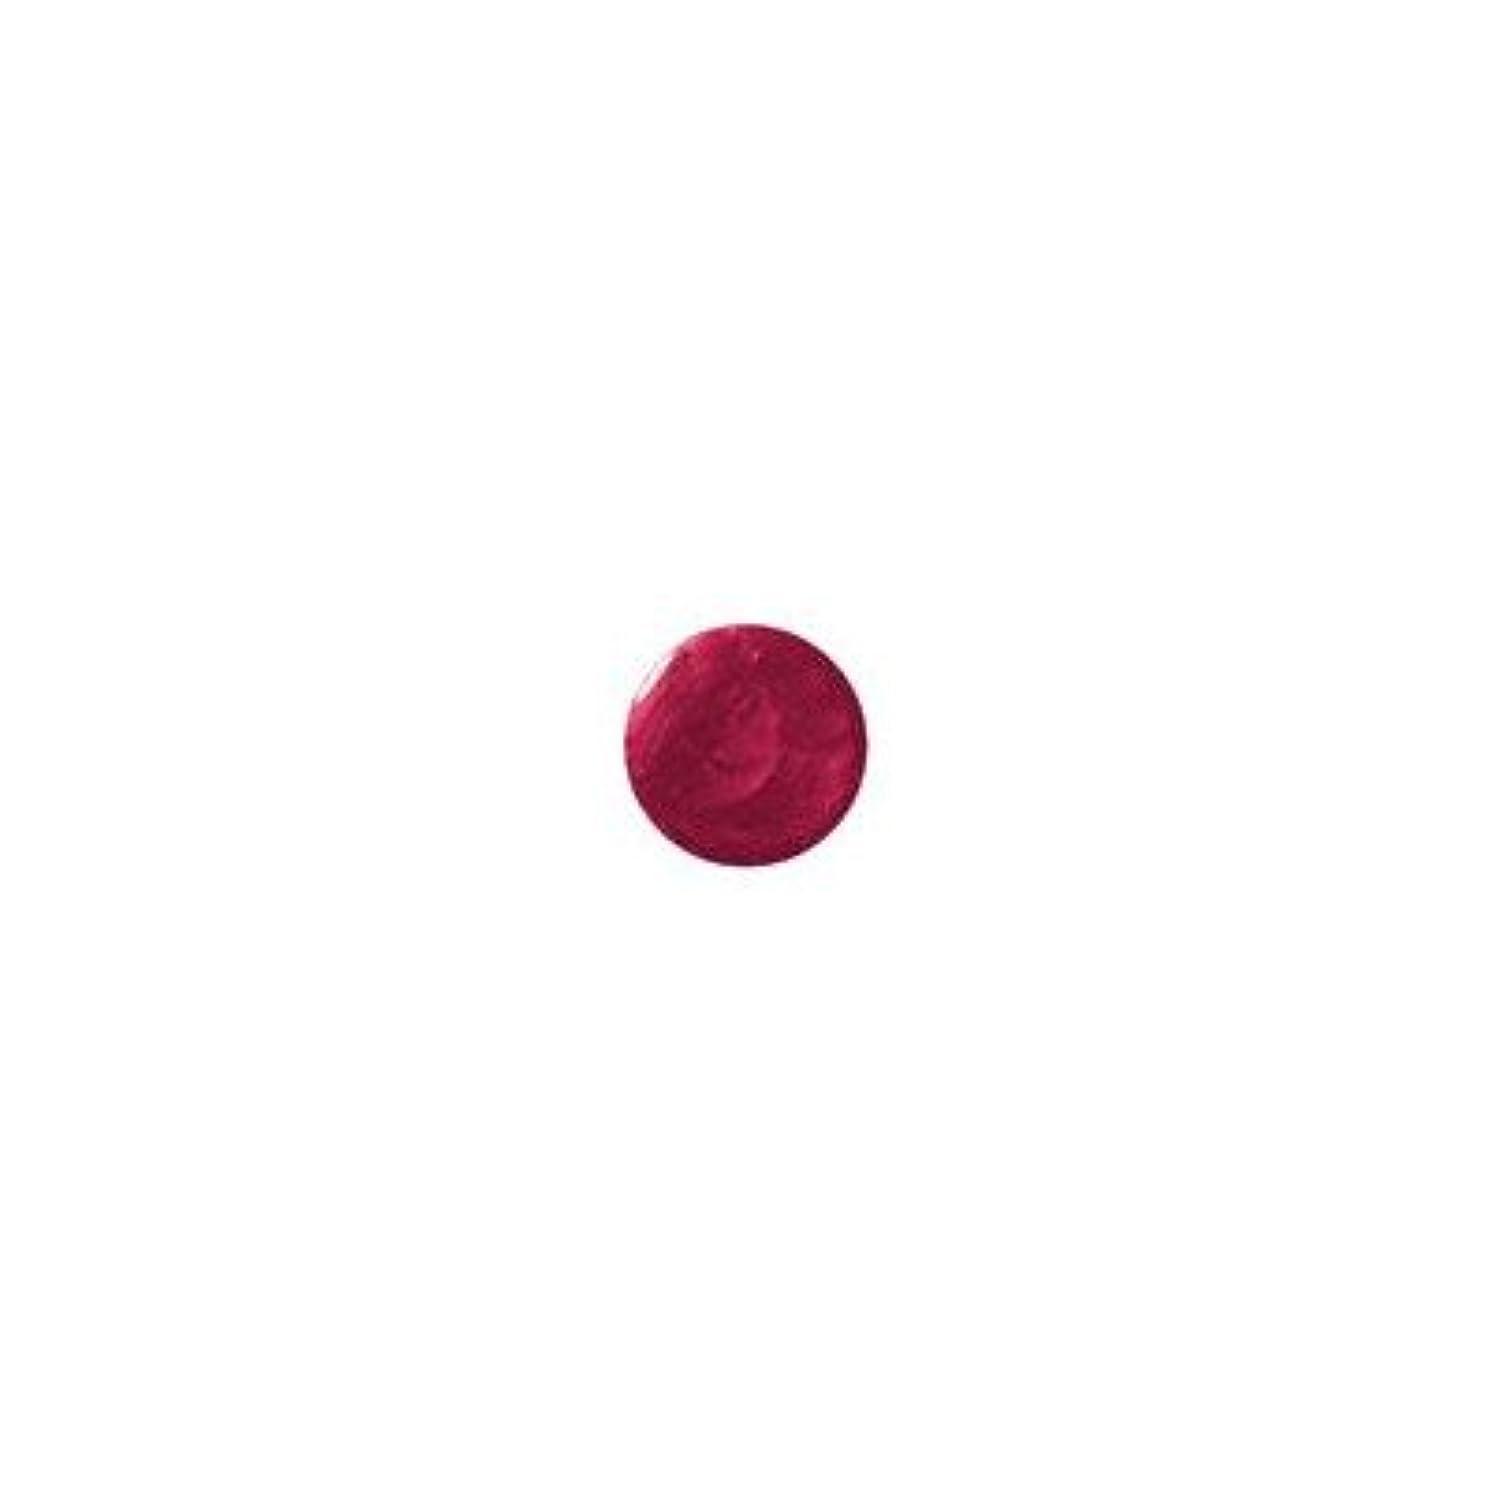 ジェレレーション カラー463Fパッショネイトキッシーズ